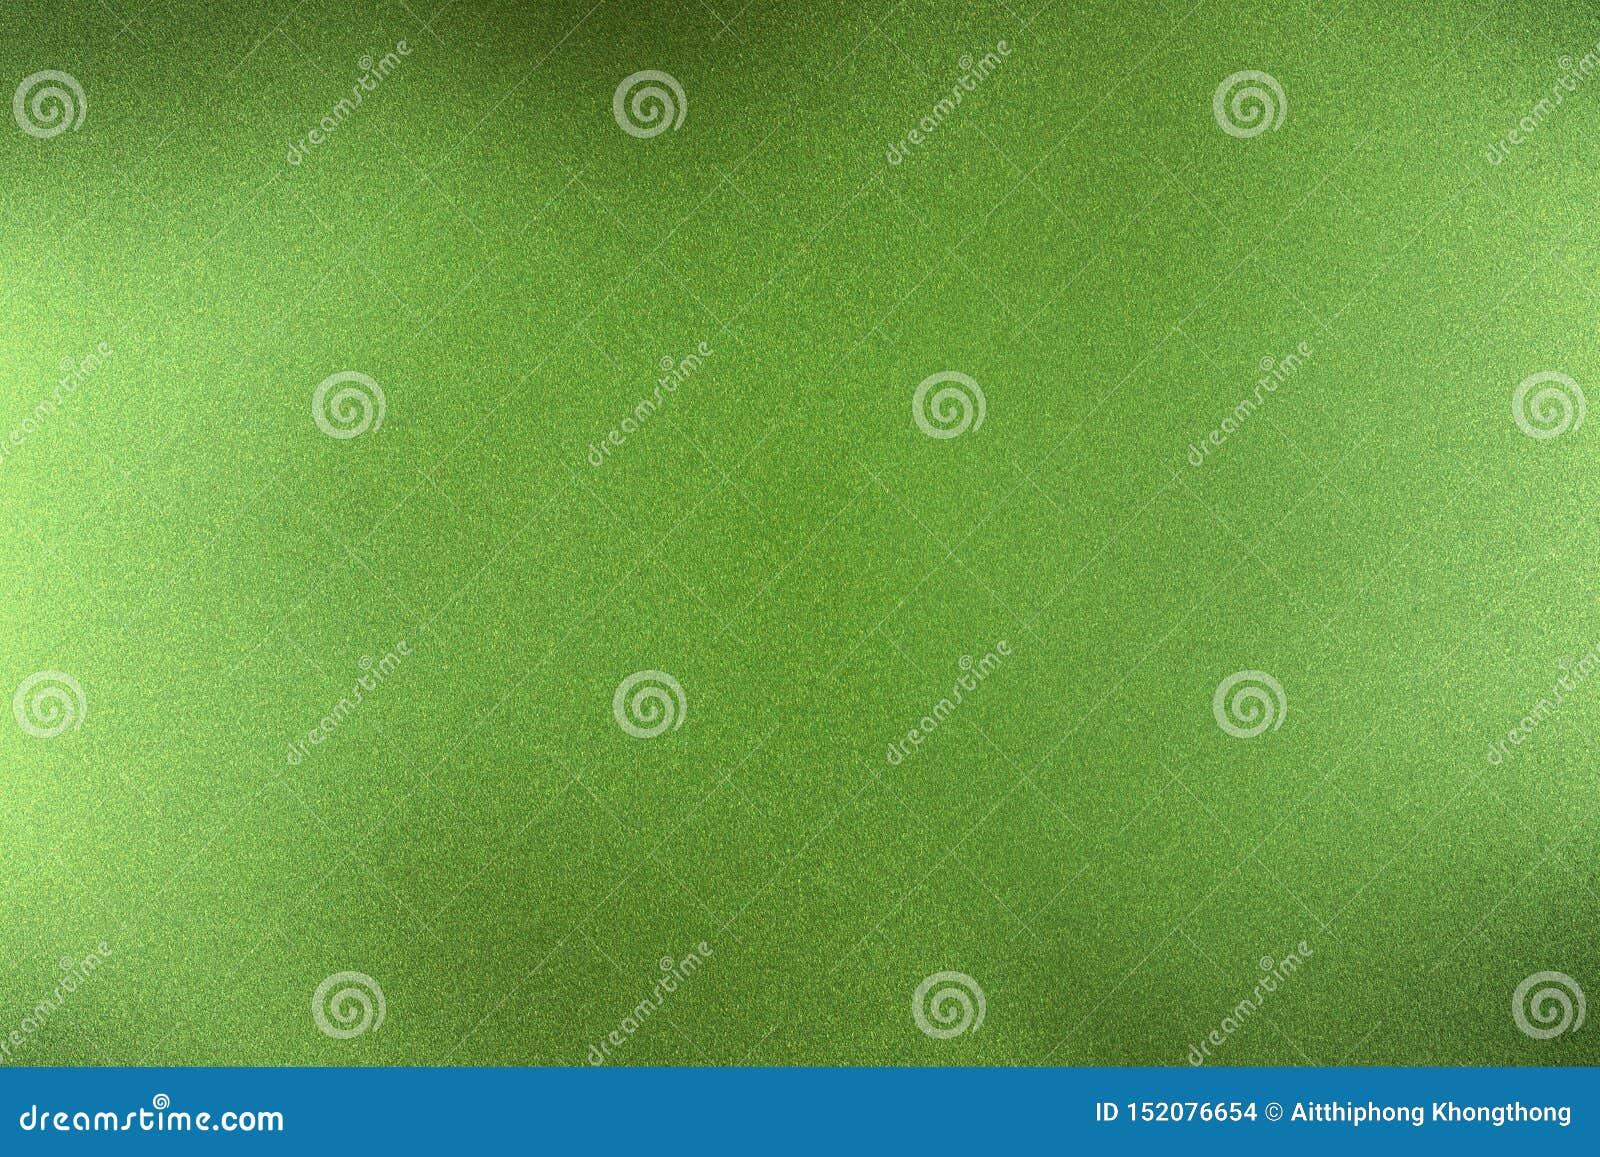 Gebürstete dunkelgrüne metallische Wand, abstrakter Beschaffenheitshintergrund